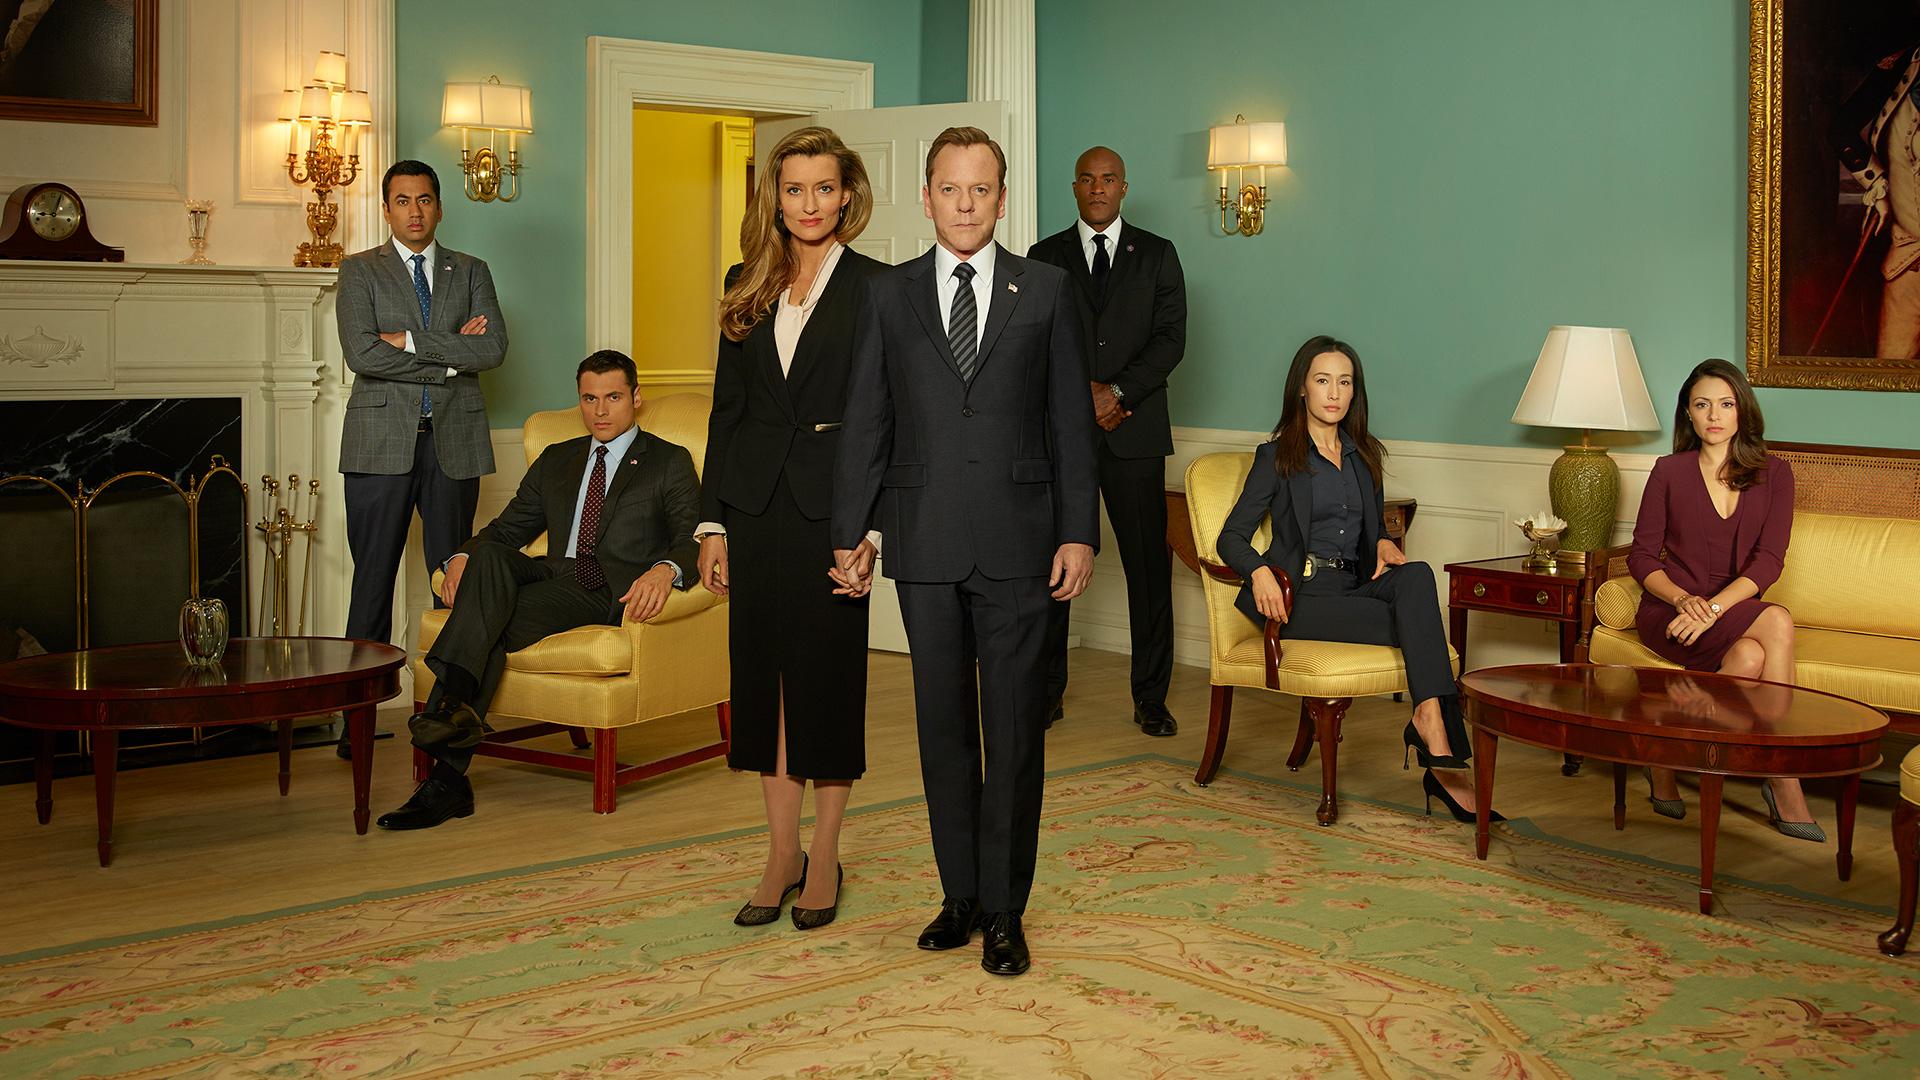 Showtime, seizoen 2 - aflevering 13